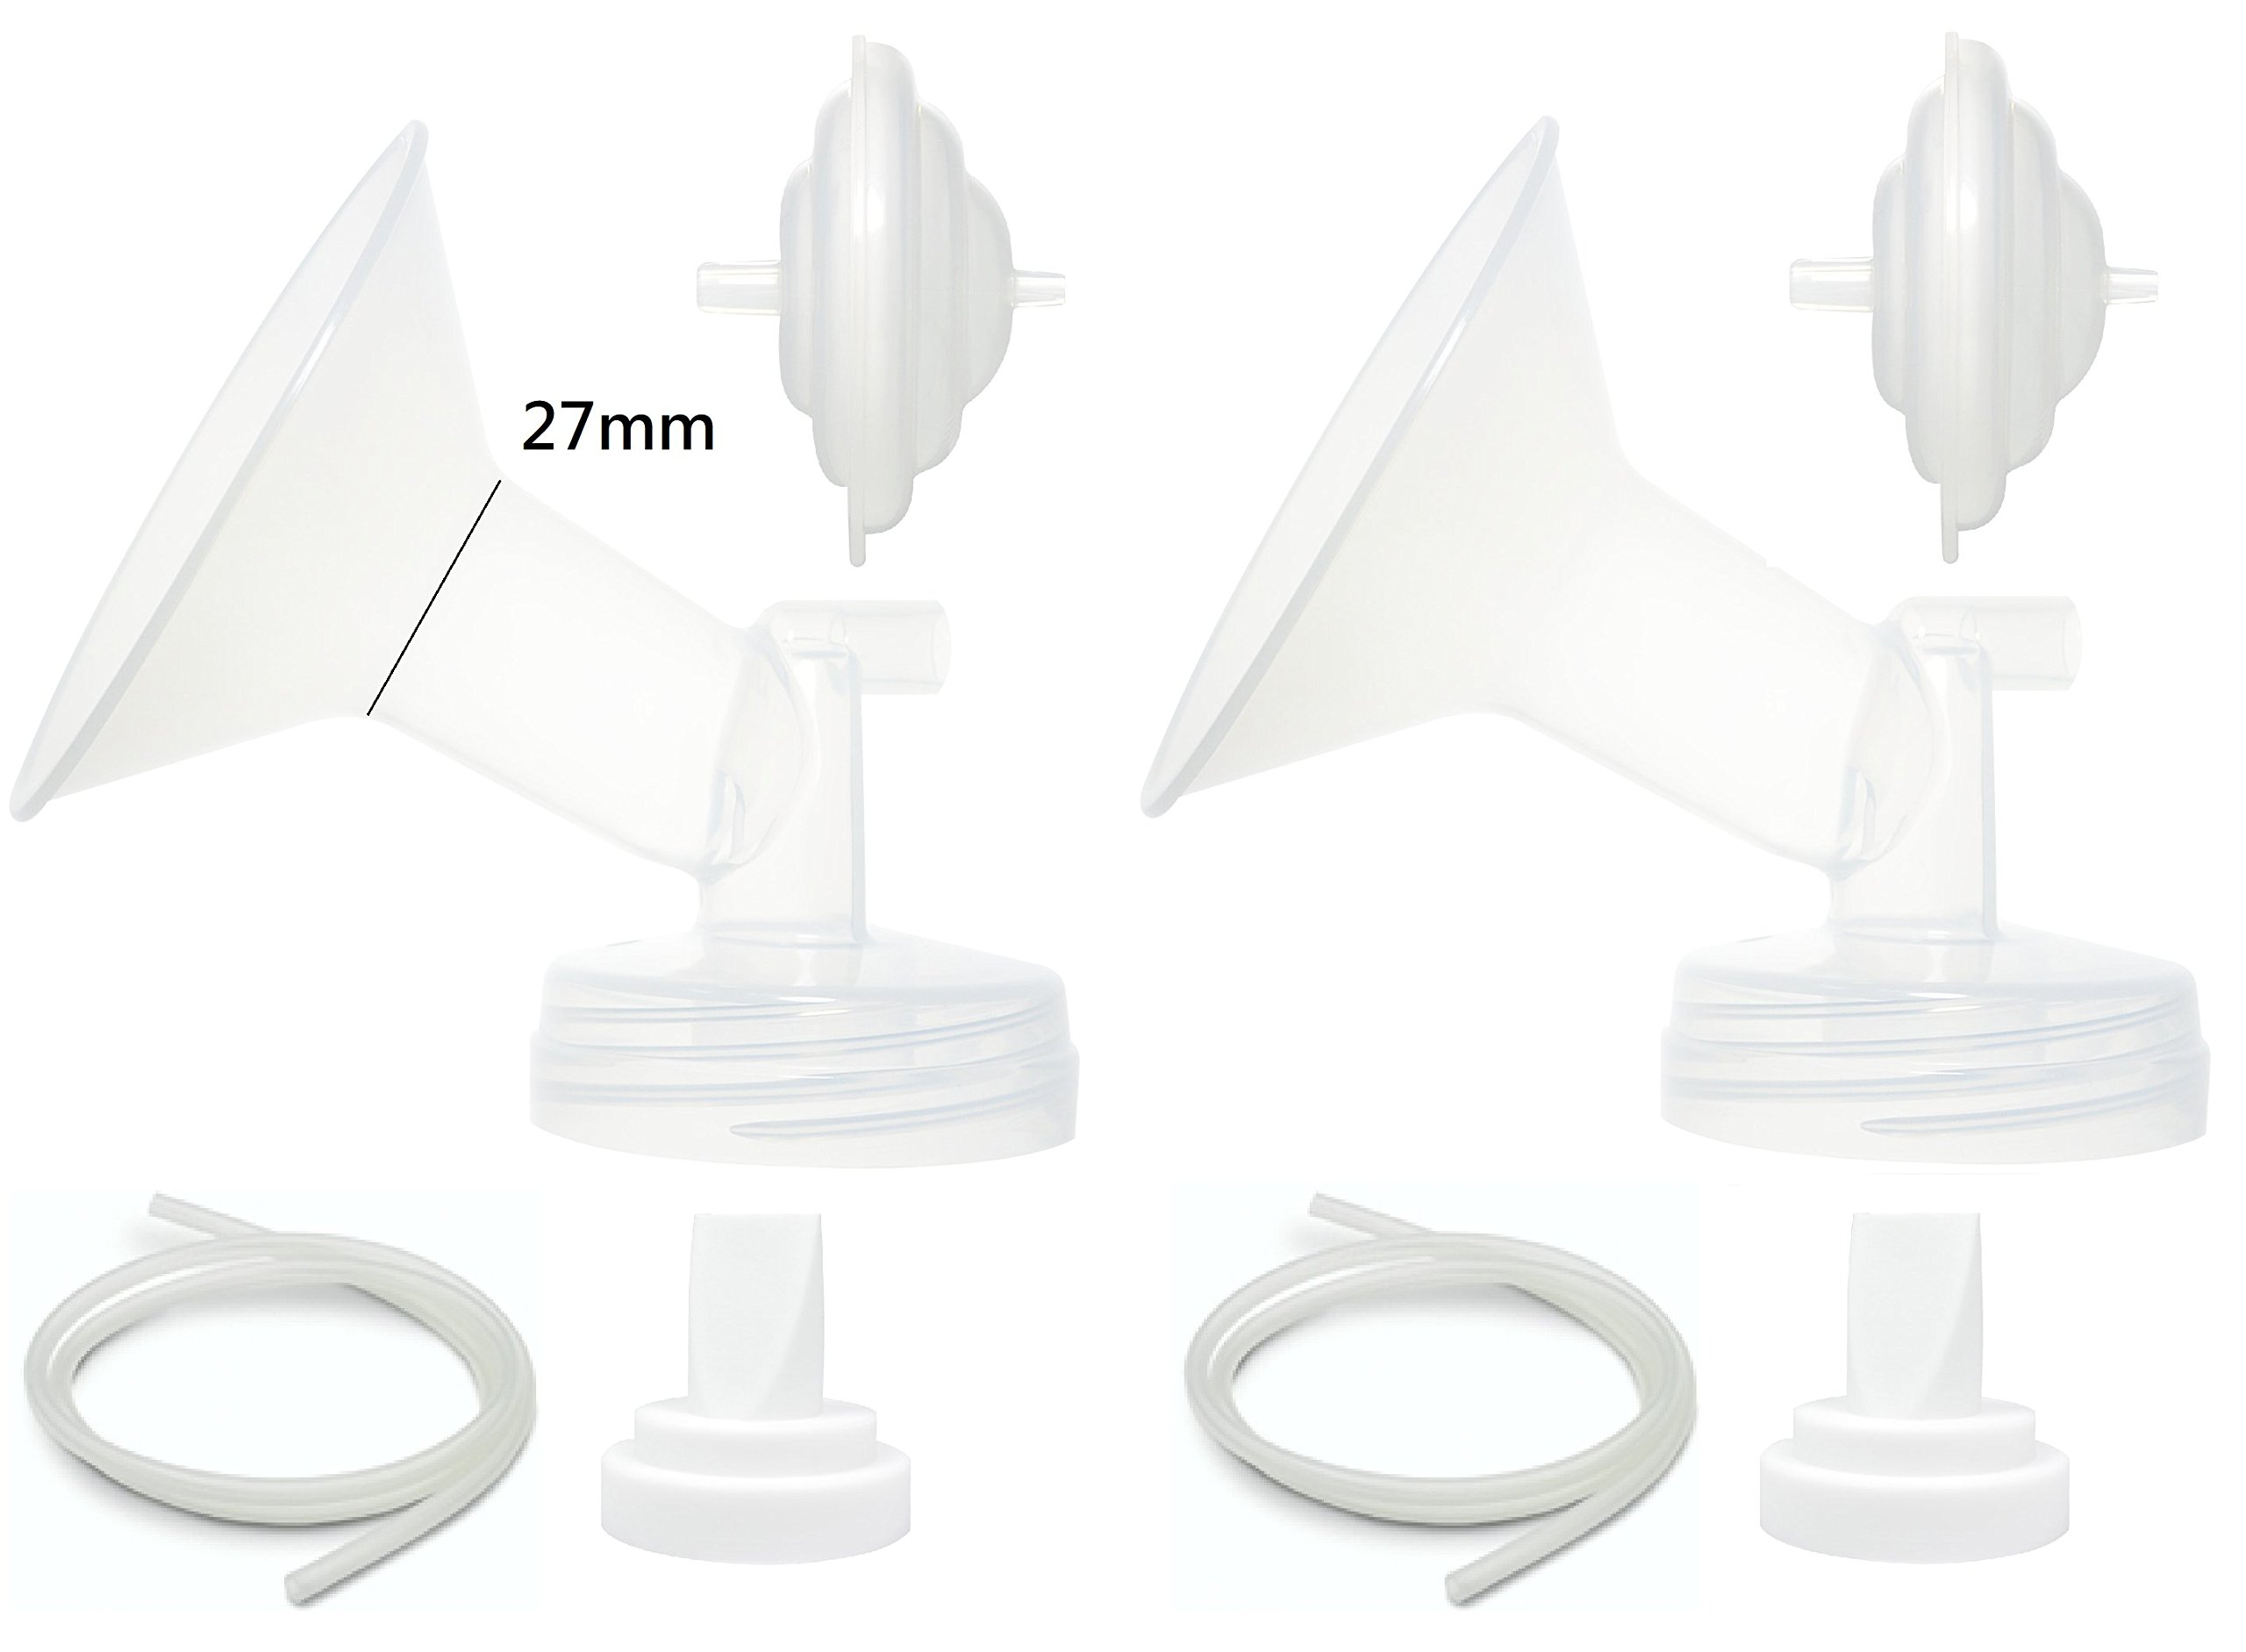 Nenesupply repuesto de bomba de repuesto para Spectra S2 Spectra S1 Spectra 9 Plus brida de v/álvula de tubo protector de reflujo no piezas originales Spectra Talla:Flange 19mm XS